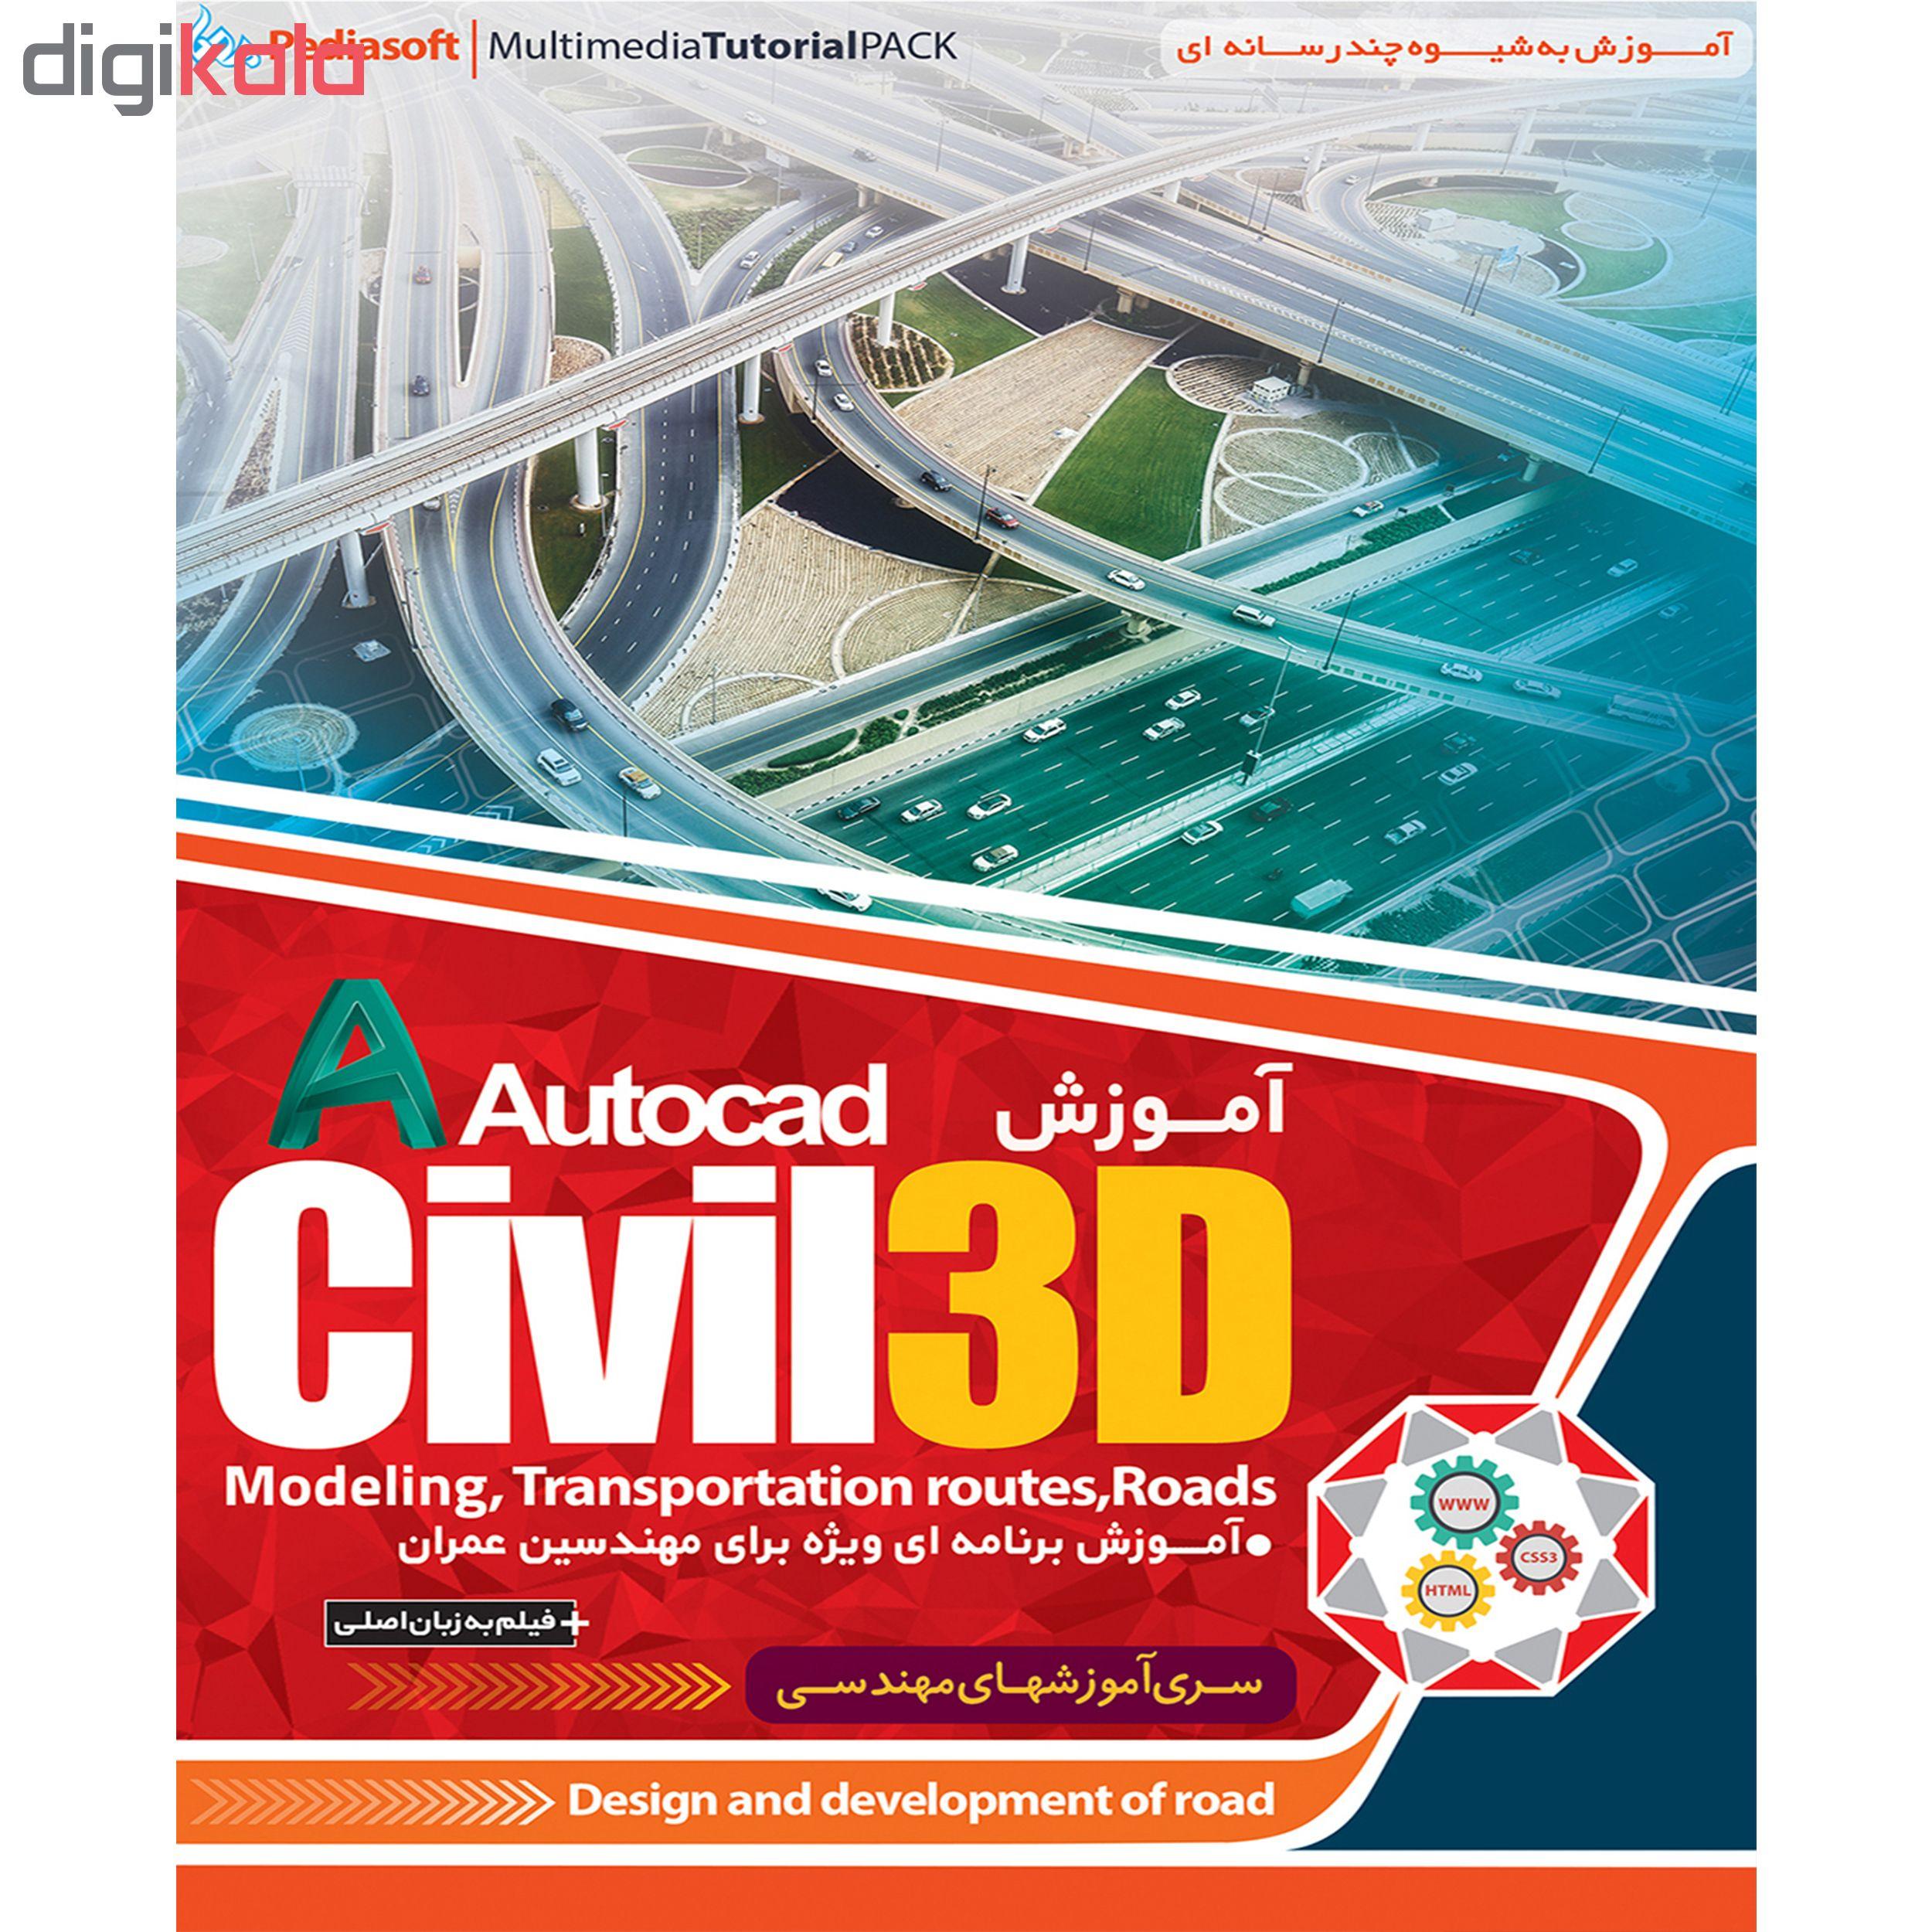 نرم افزار آموزش CIVIL 3D نشر پدیا سافت به همراه نرم افزار آموزش REVIT نشر پدیده